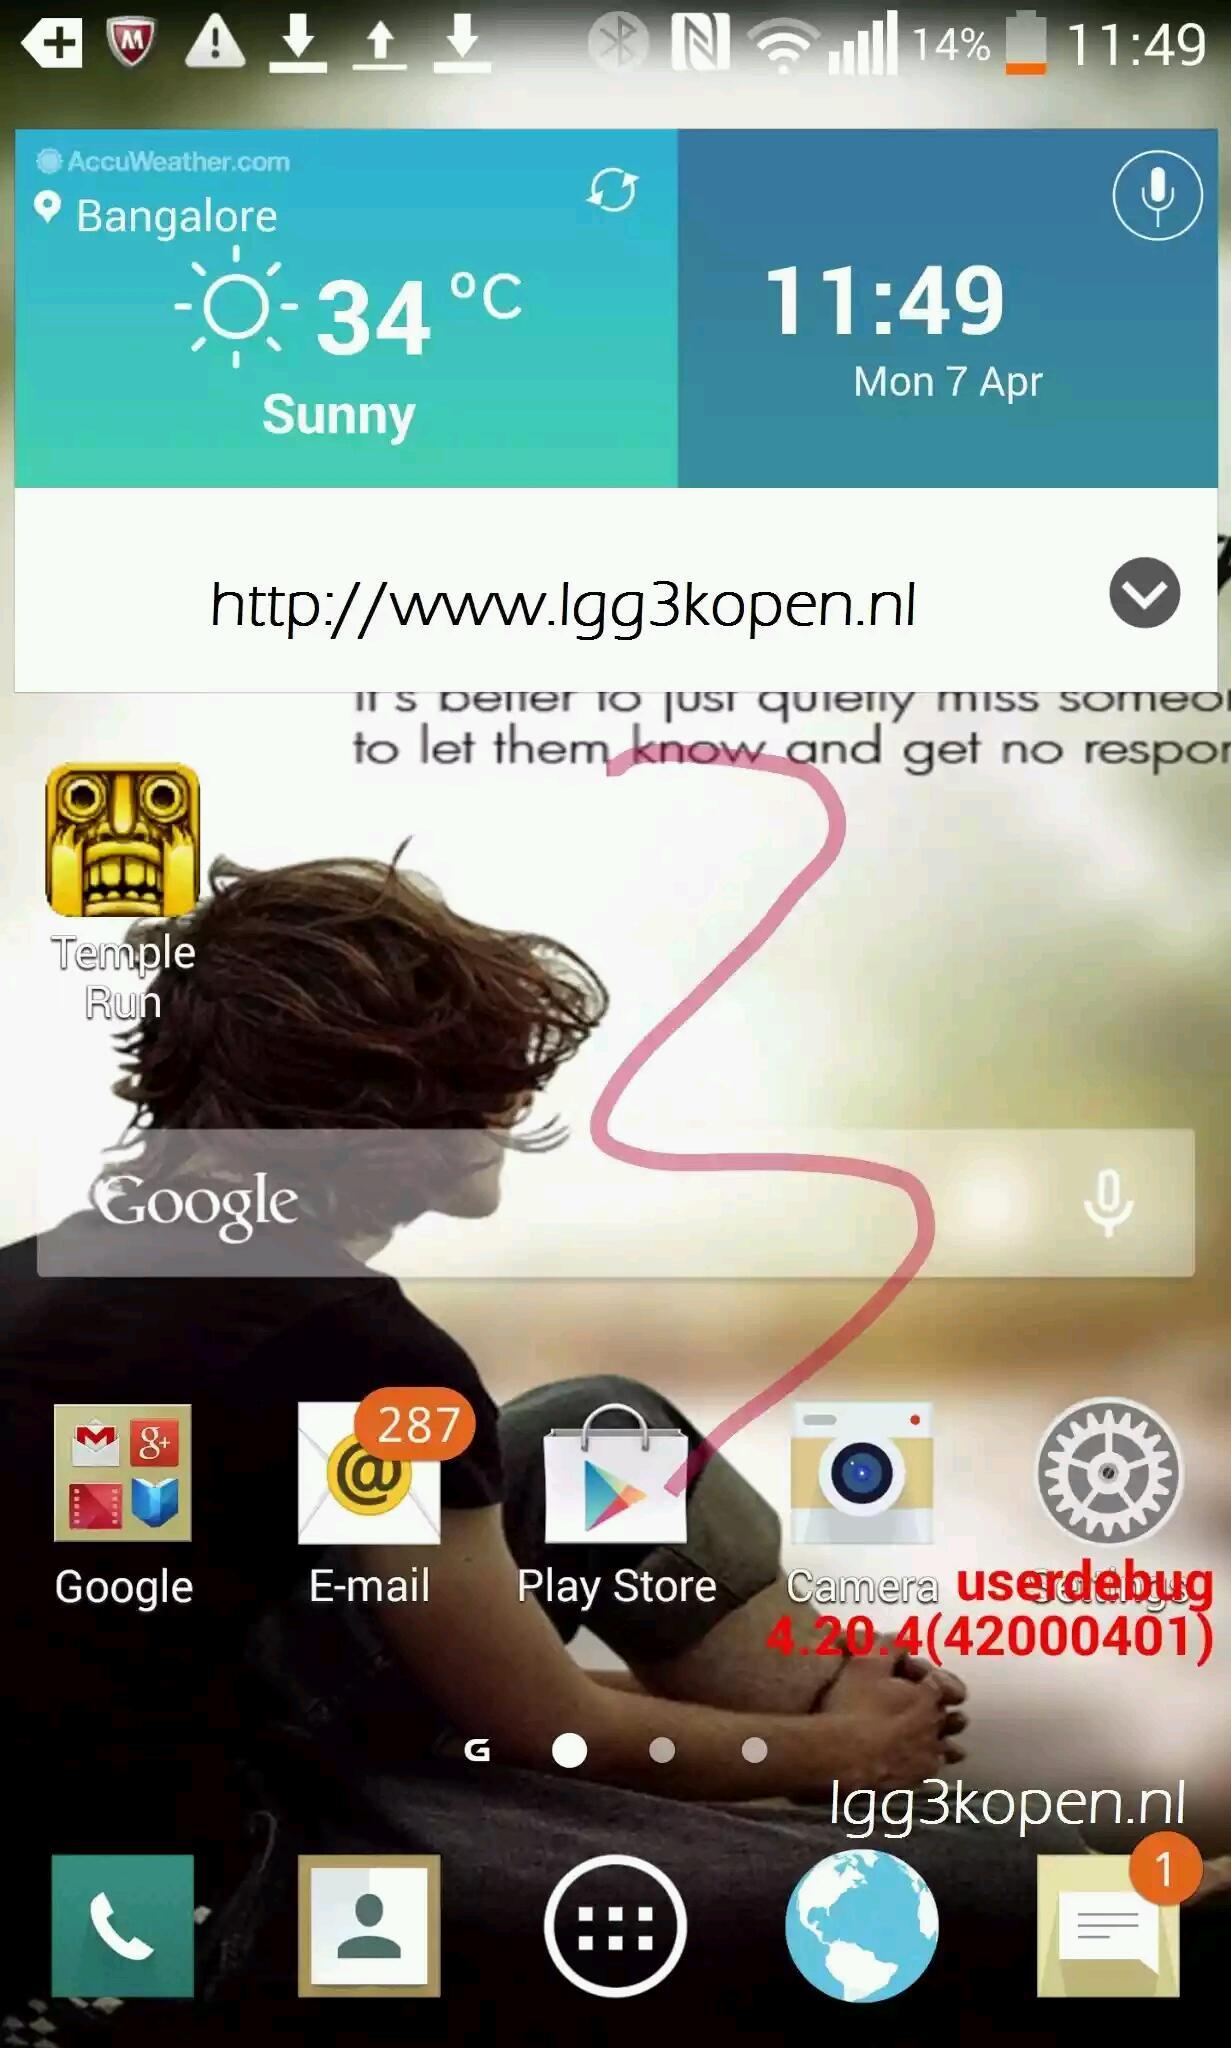 Screenshot der neuen Oberfläche vom LG G3 zeigt Flat-Design